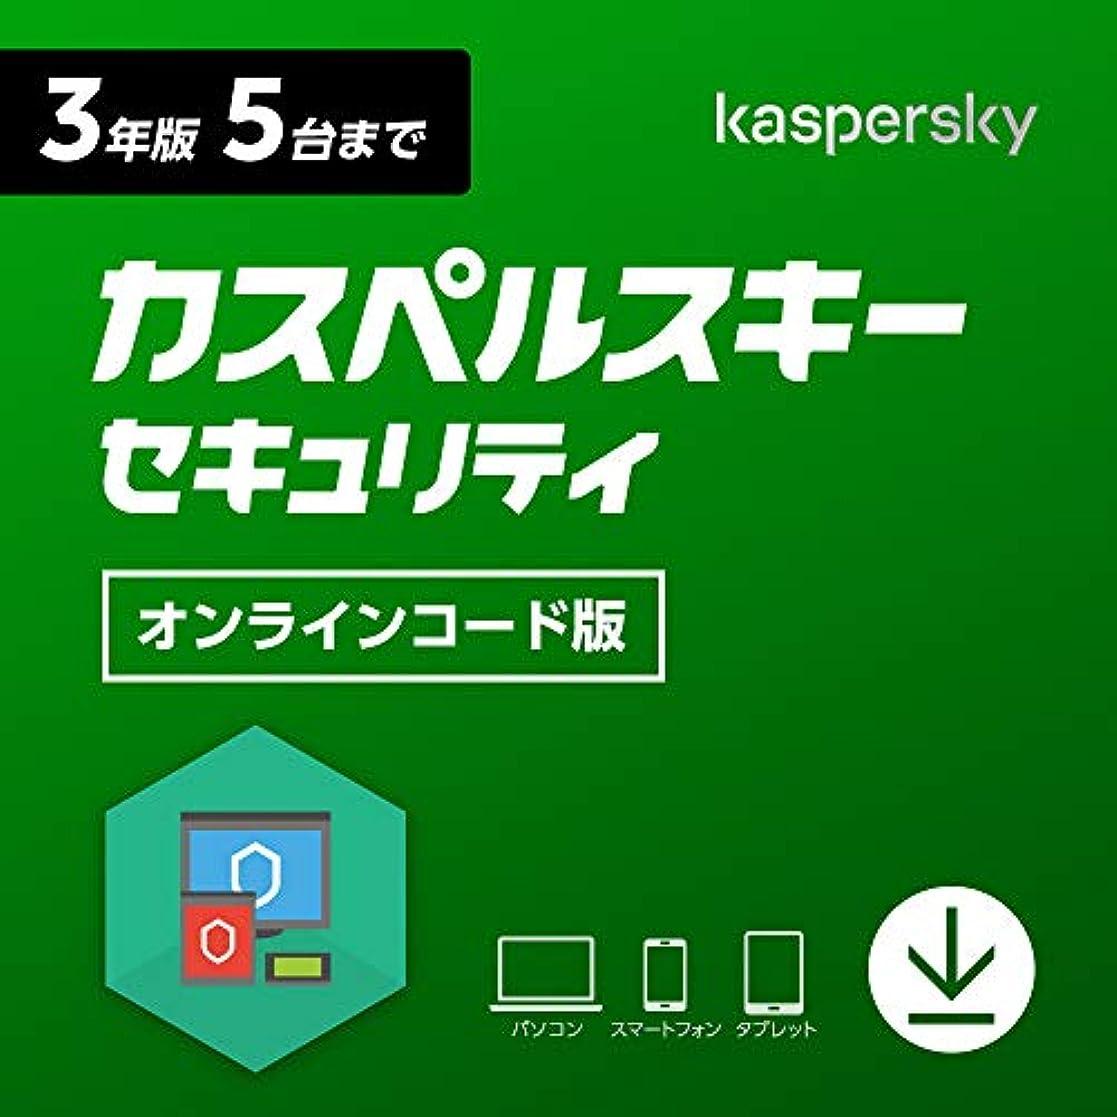 早める丁寧試みるカスペルスキー セキュリティ (最新版)   3年 5台版   オンラインコード版   Windows/Mac/Android対応